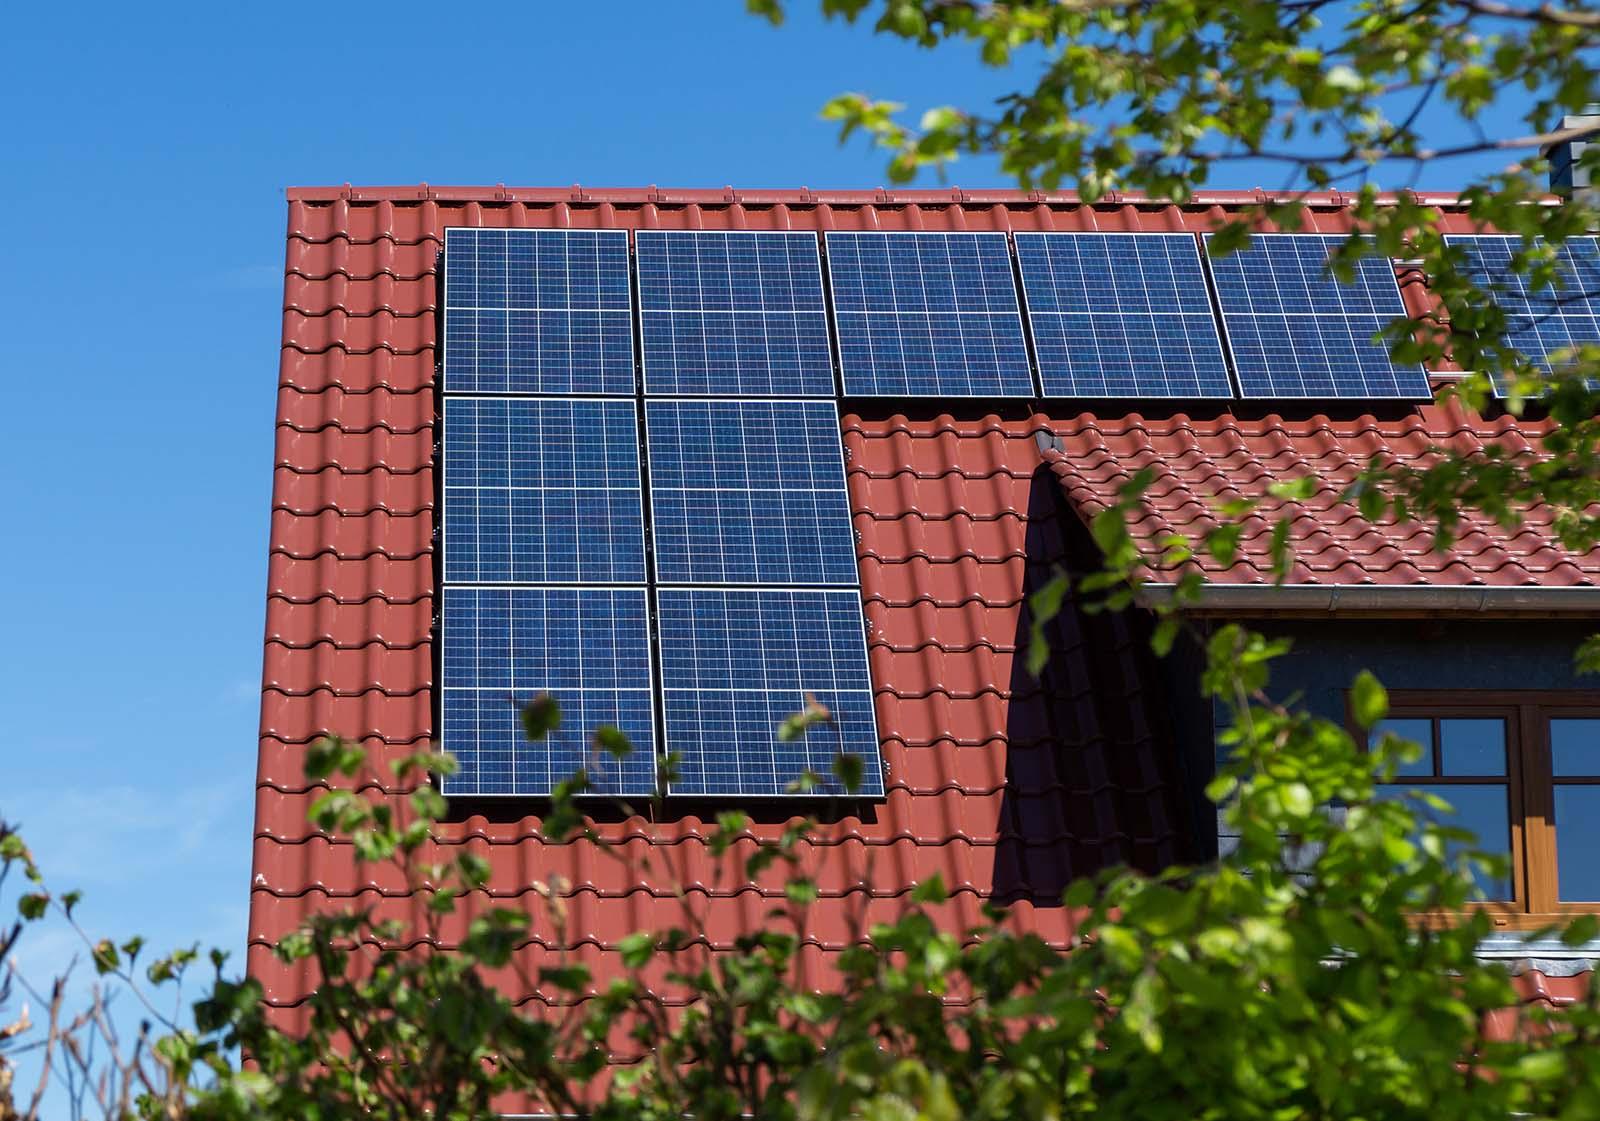 Solceller blir allt vanligare bland svenska husägare. Kanske är det dags för dig också att installera solceller i Kungsbacka!? Såhär kan solpaneler på ett tak se ut.